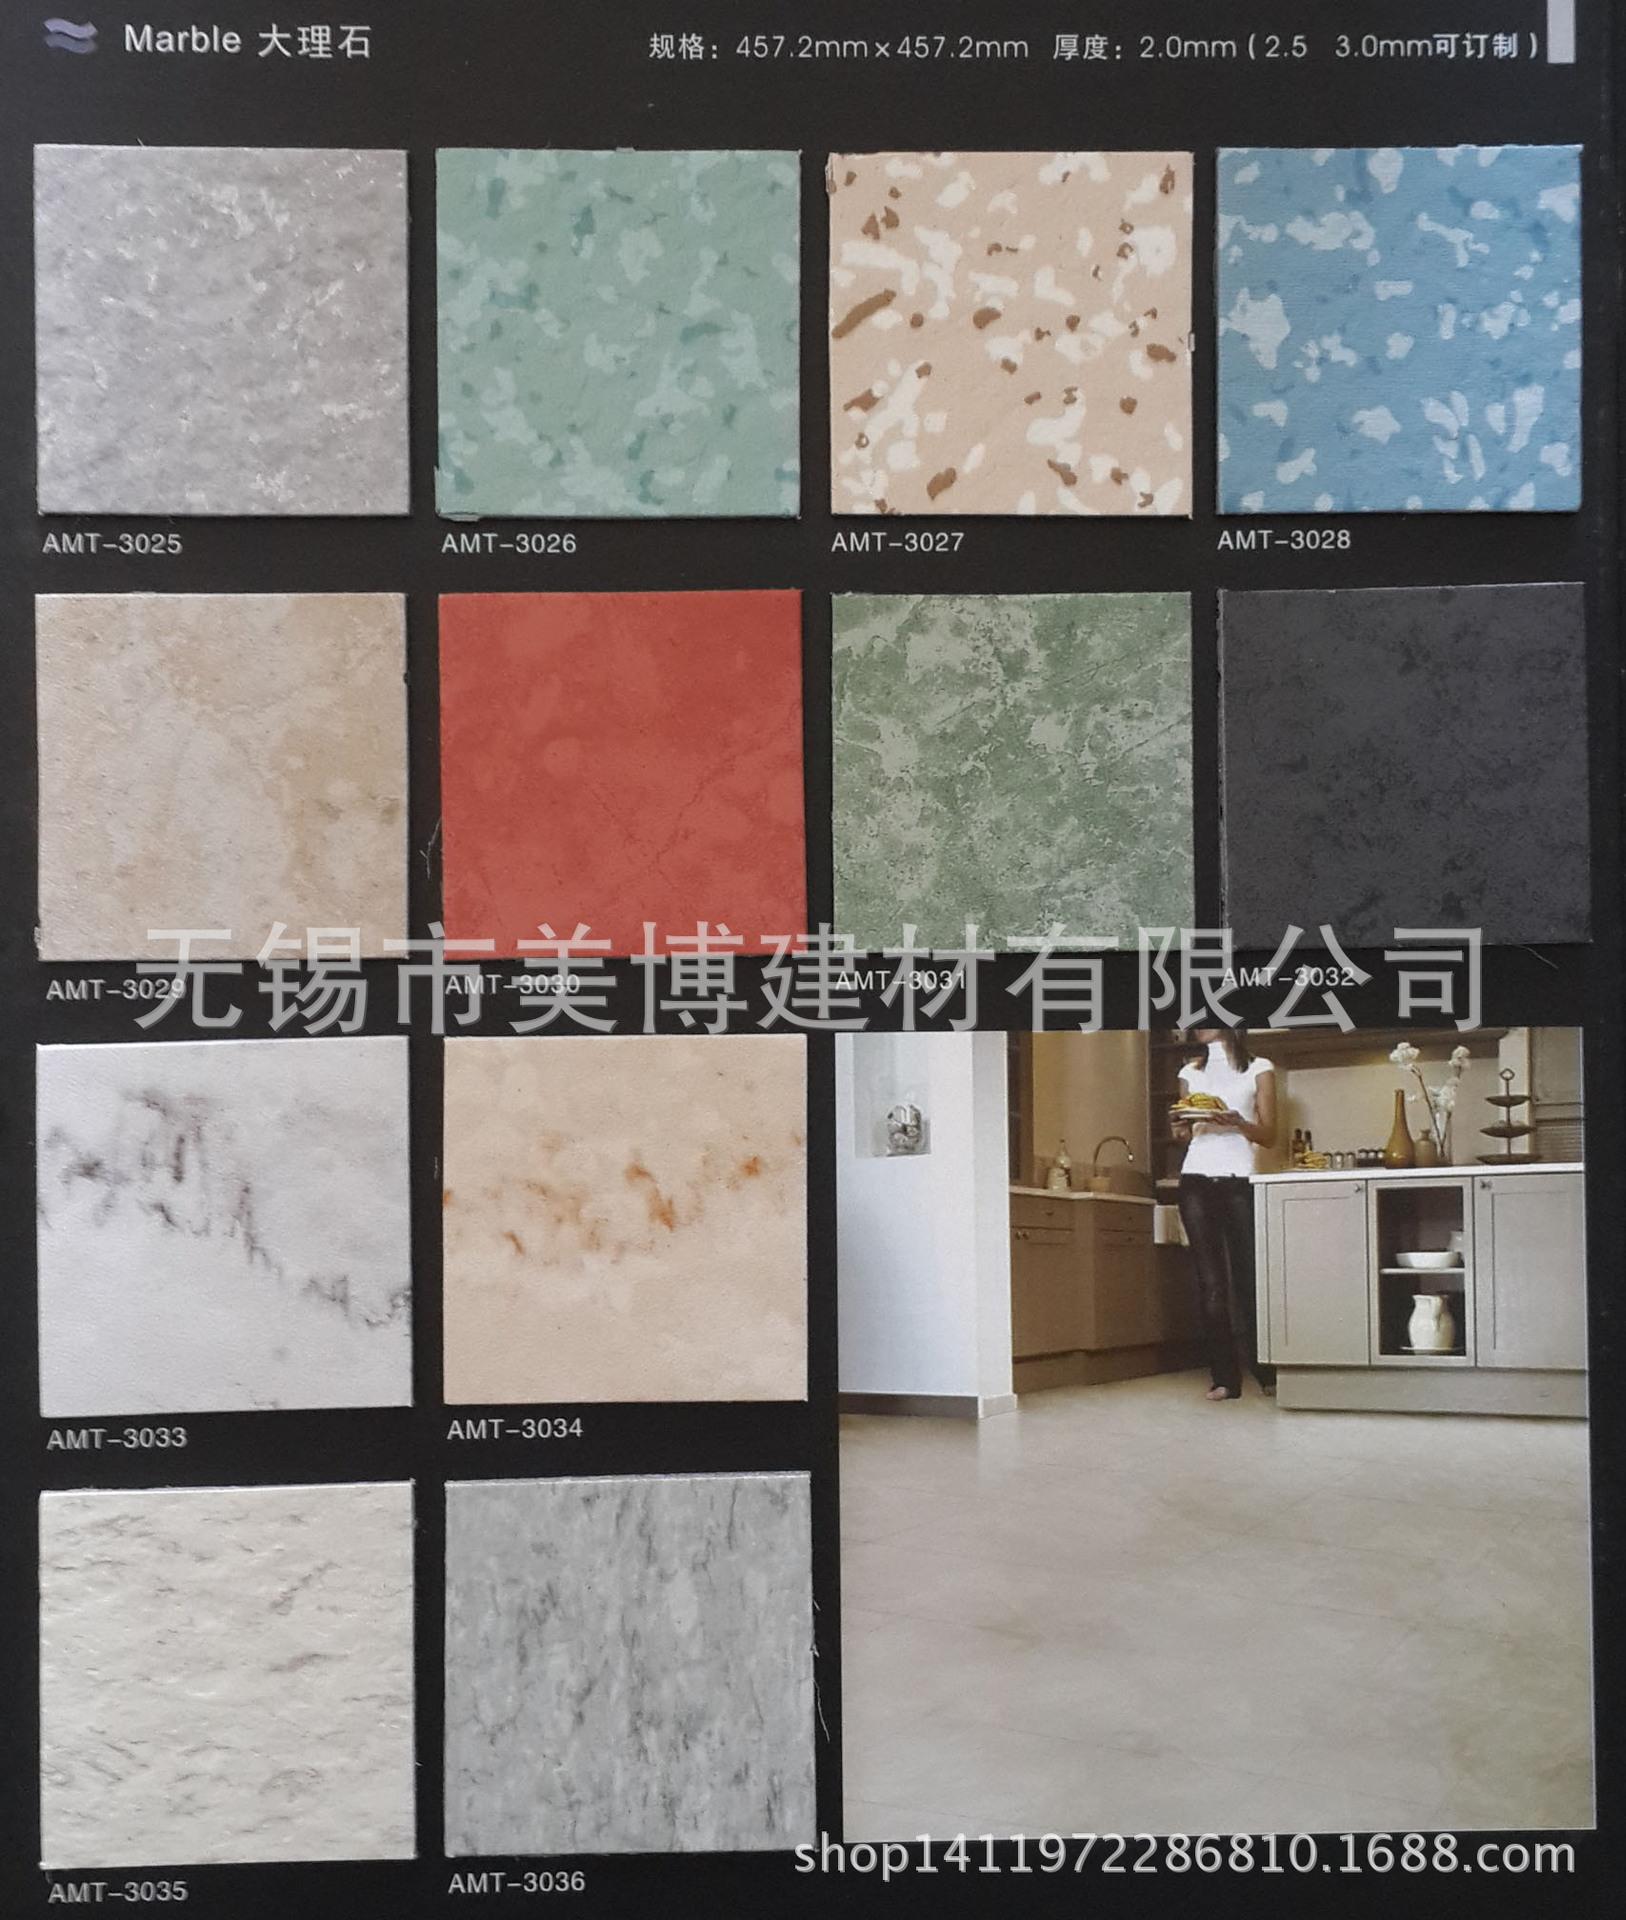 仓储现货PVC石塑地板 塑胶地板 PVC地板 石纹/木纹/毯纹